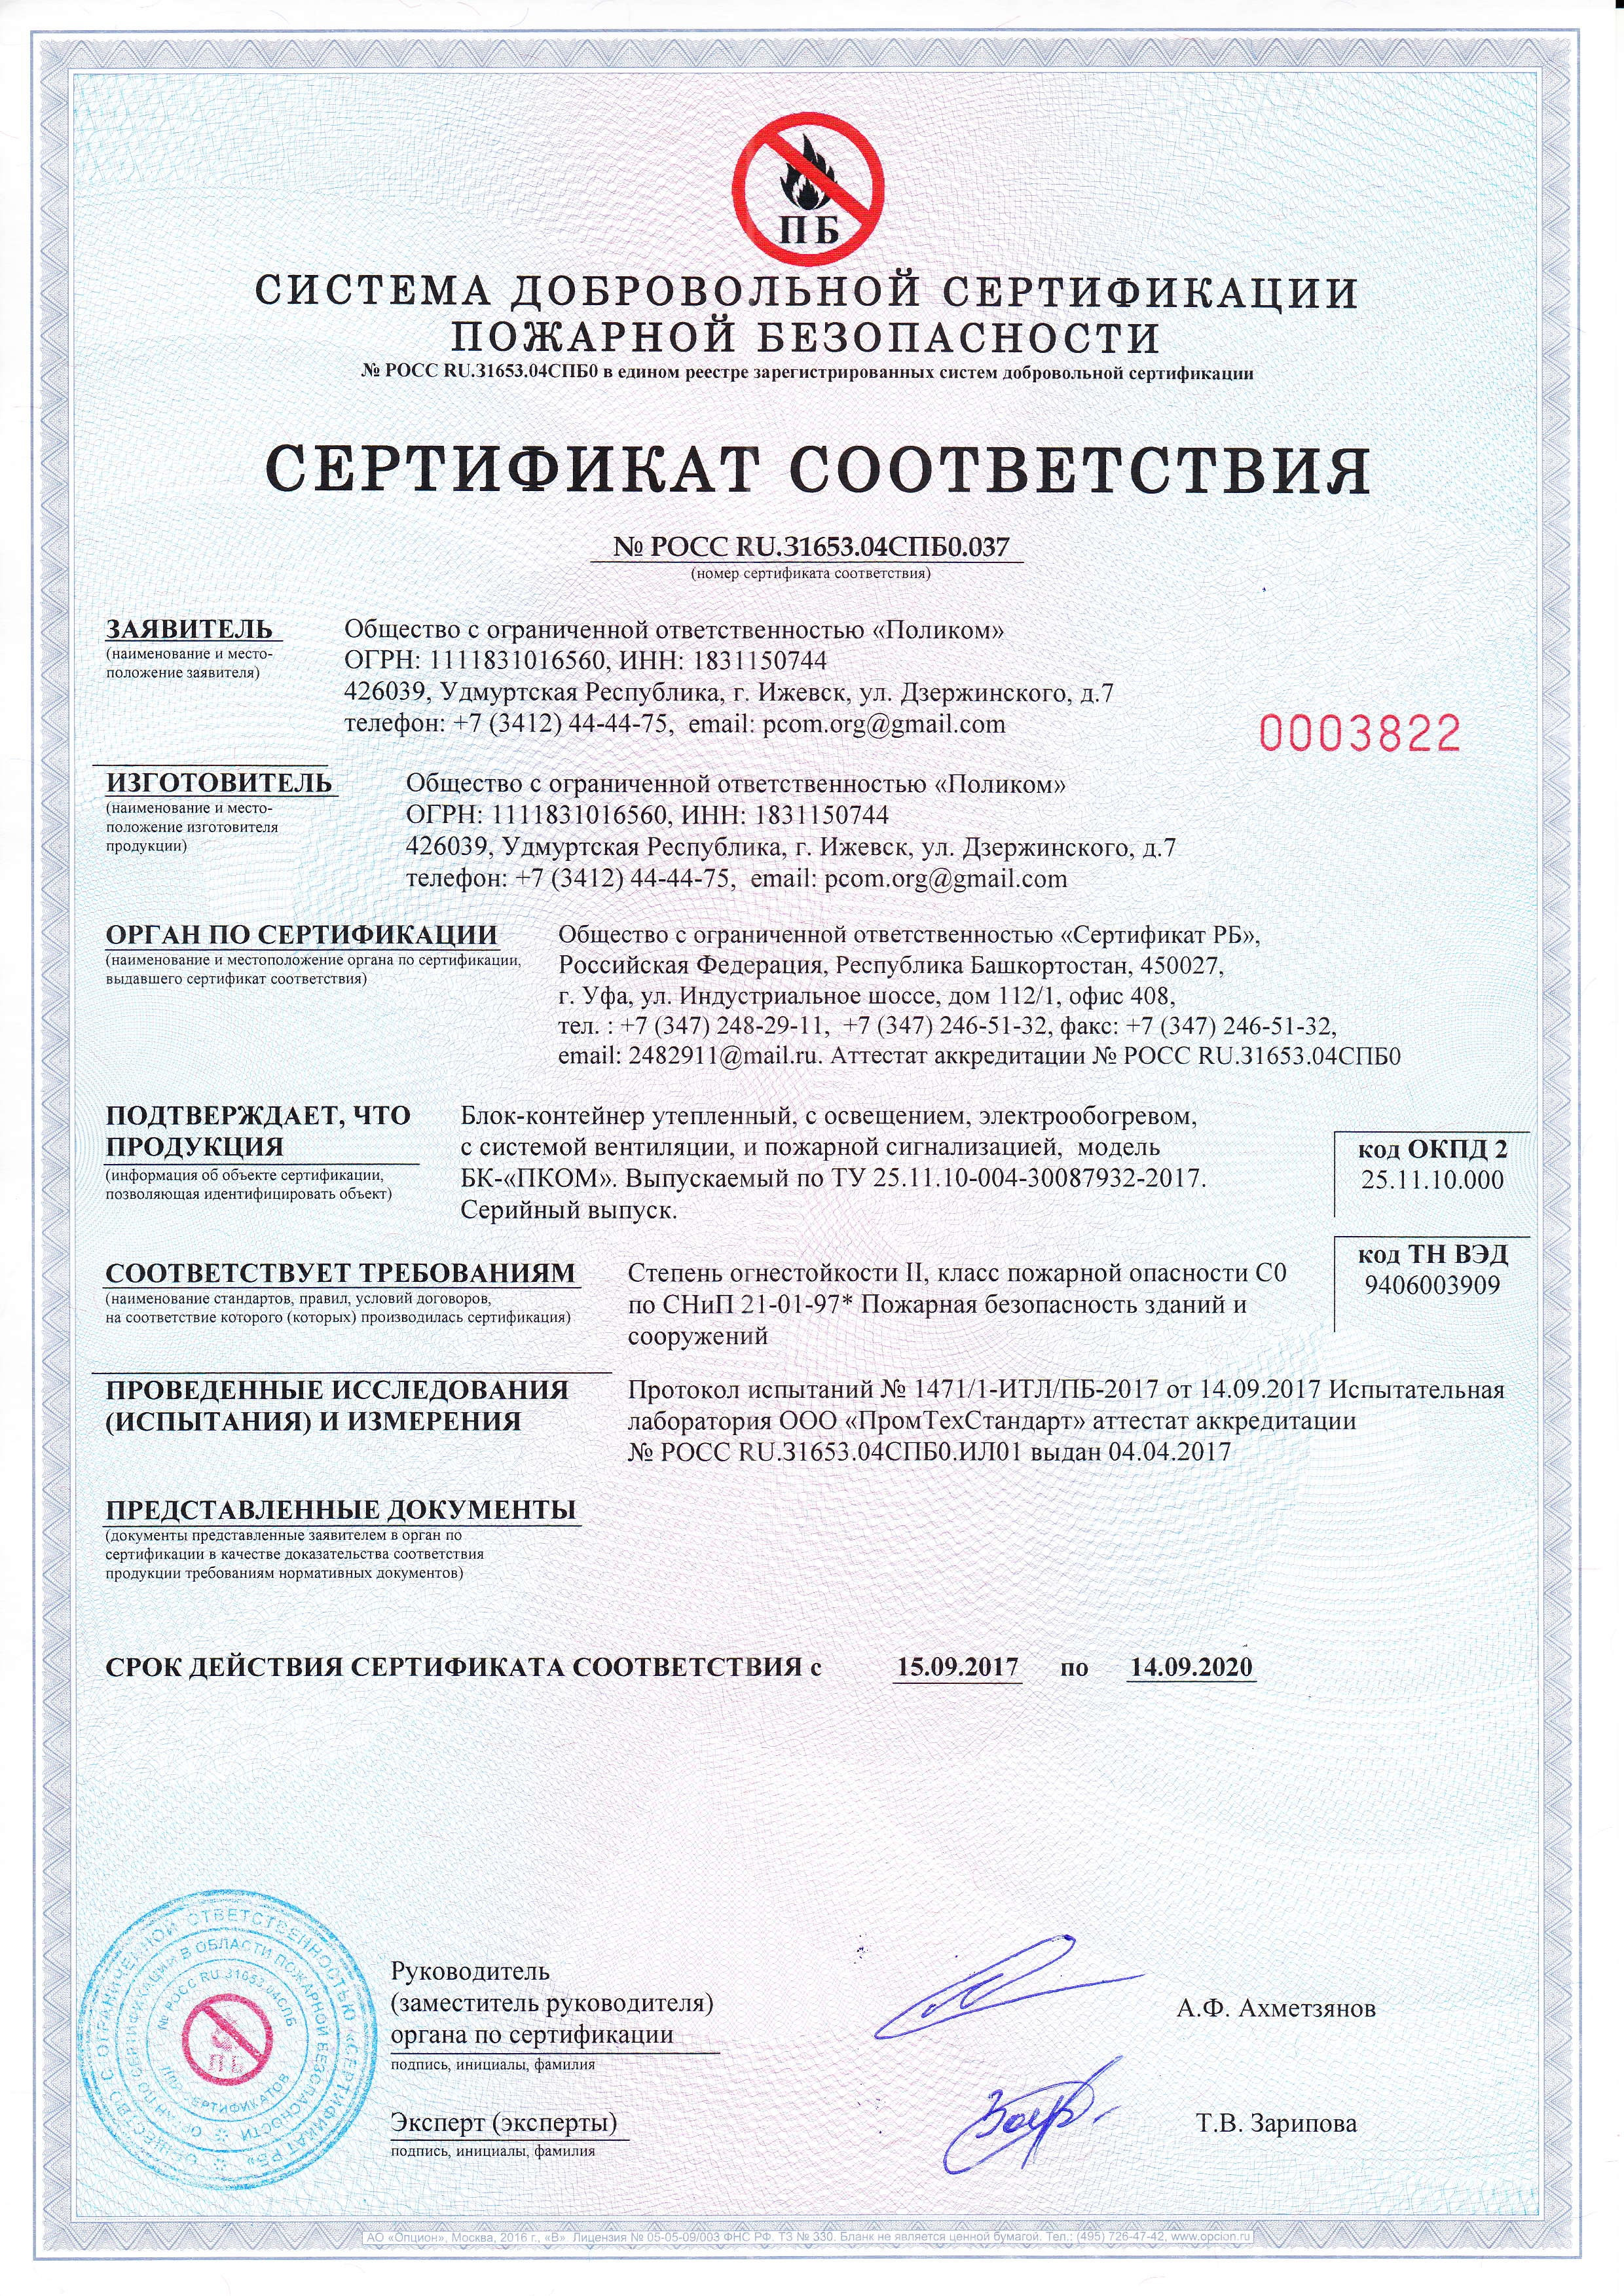 Сертификация строительных материалов г. краснодар международная стандартизация и сертификация систем качества